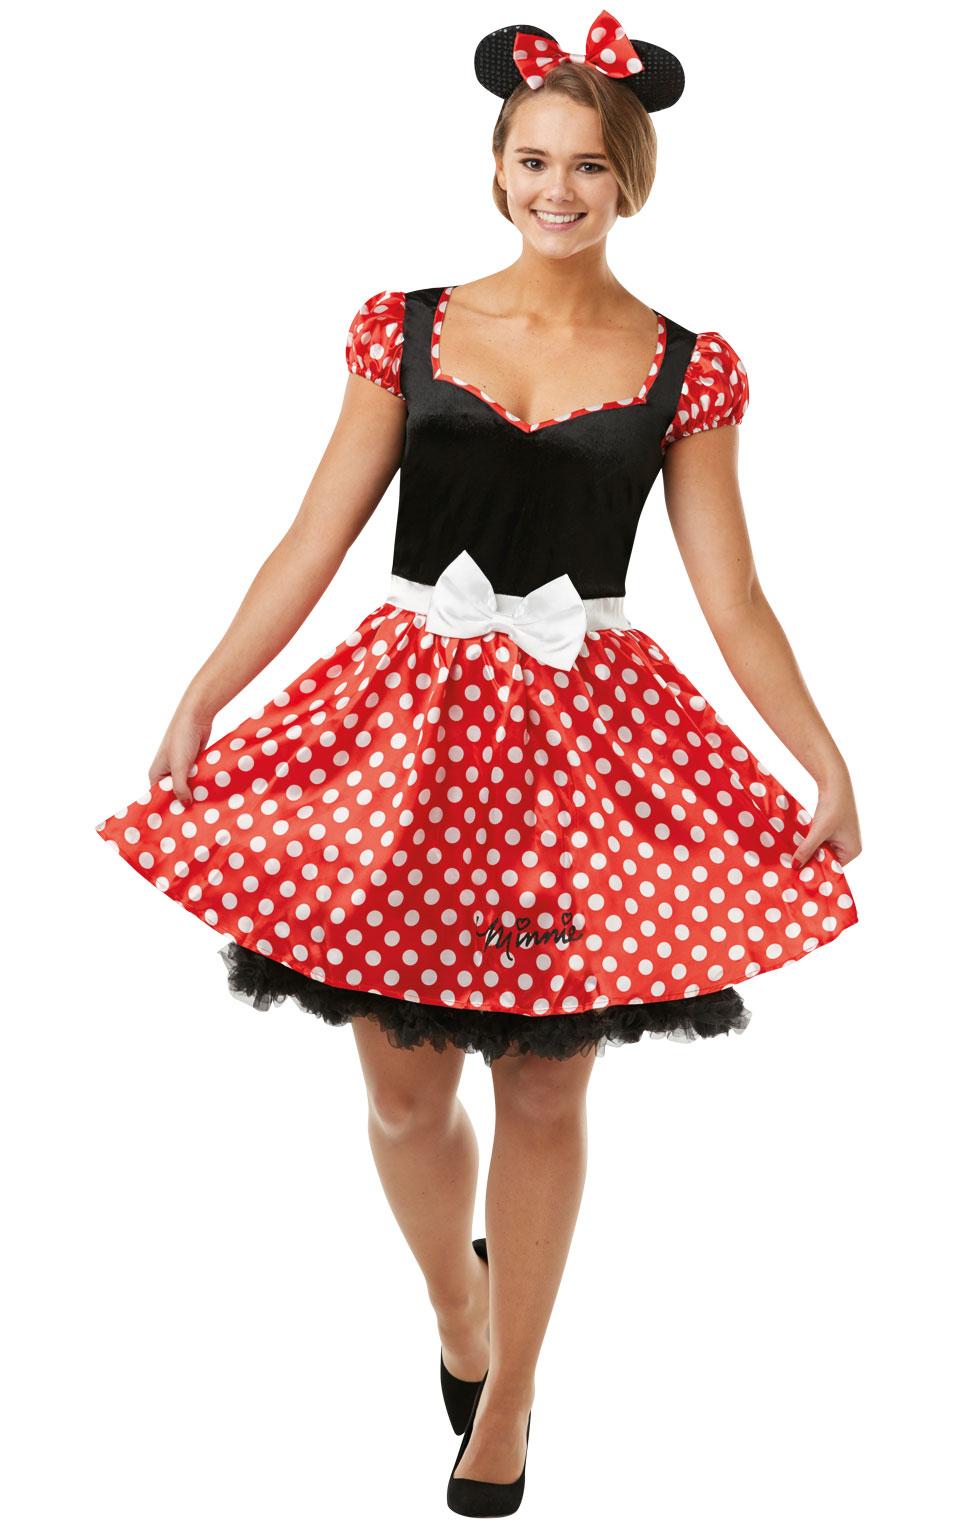 Rubies Kostým Minnie Veľkosť - dospelý: S